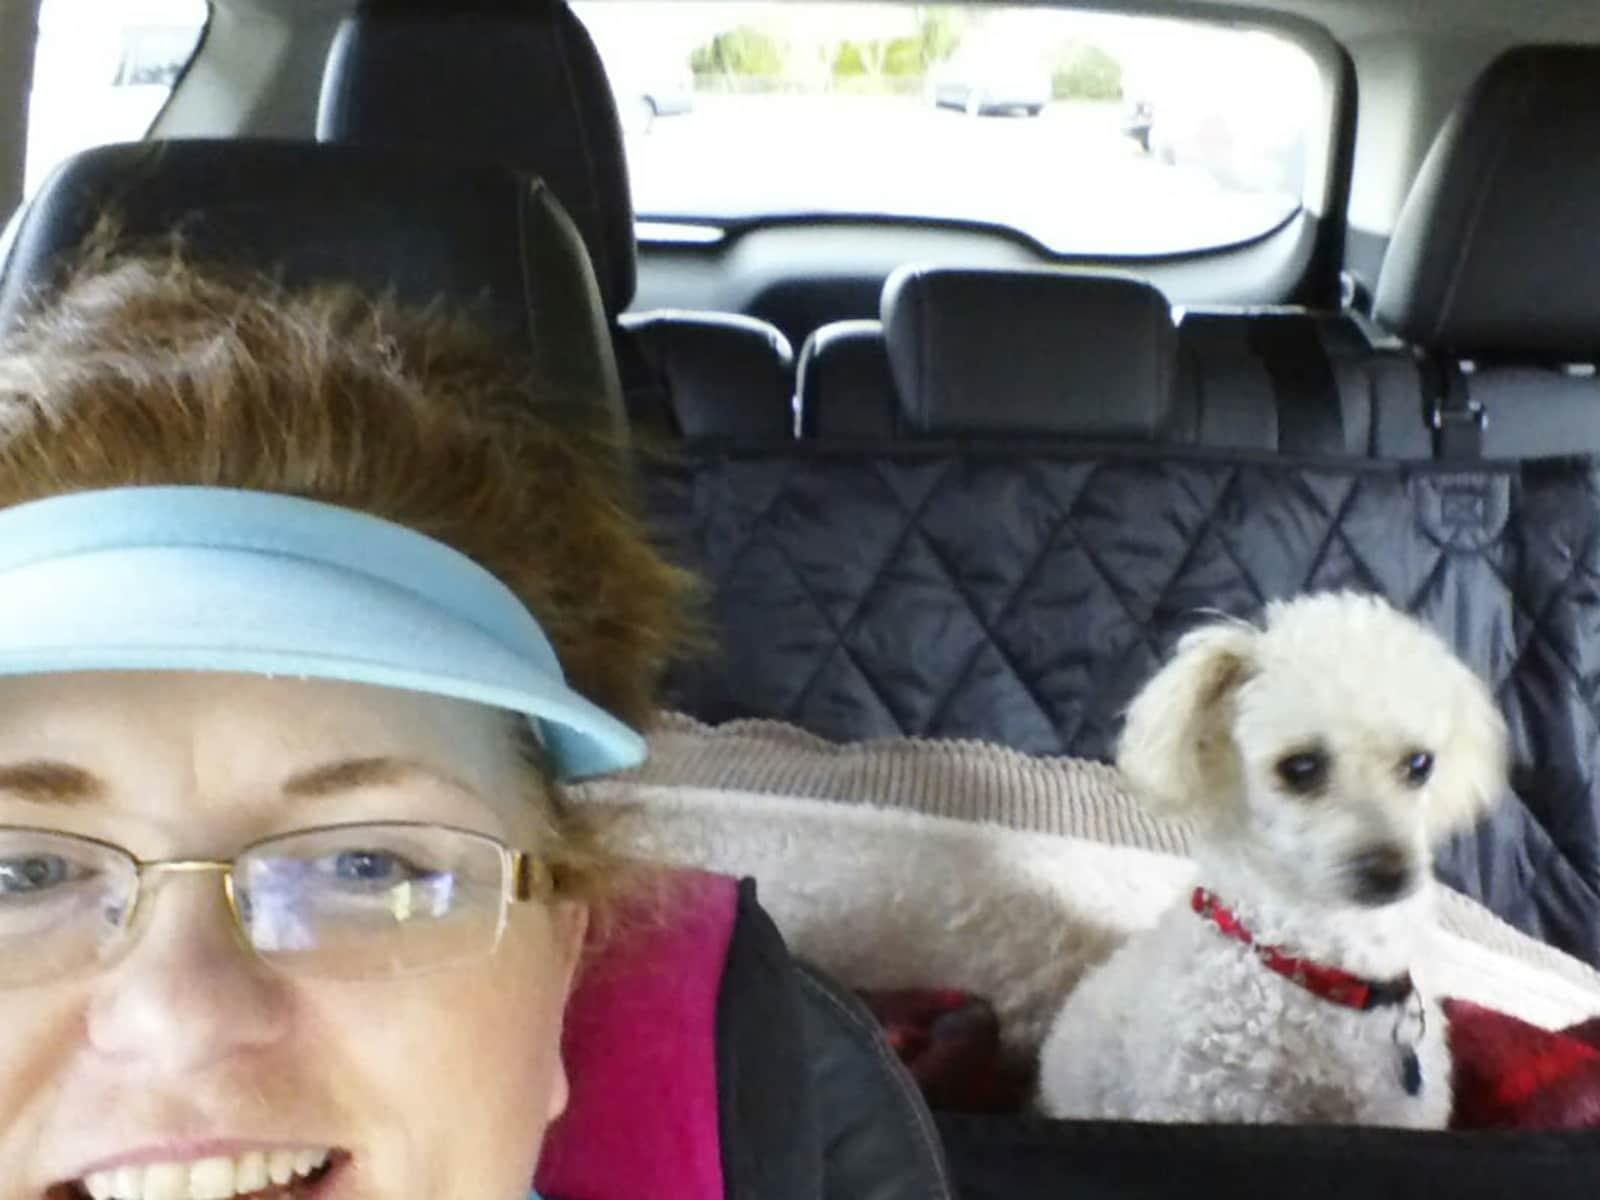 Kathy from Marysville, Washington, United States